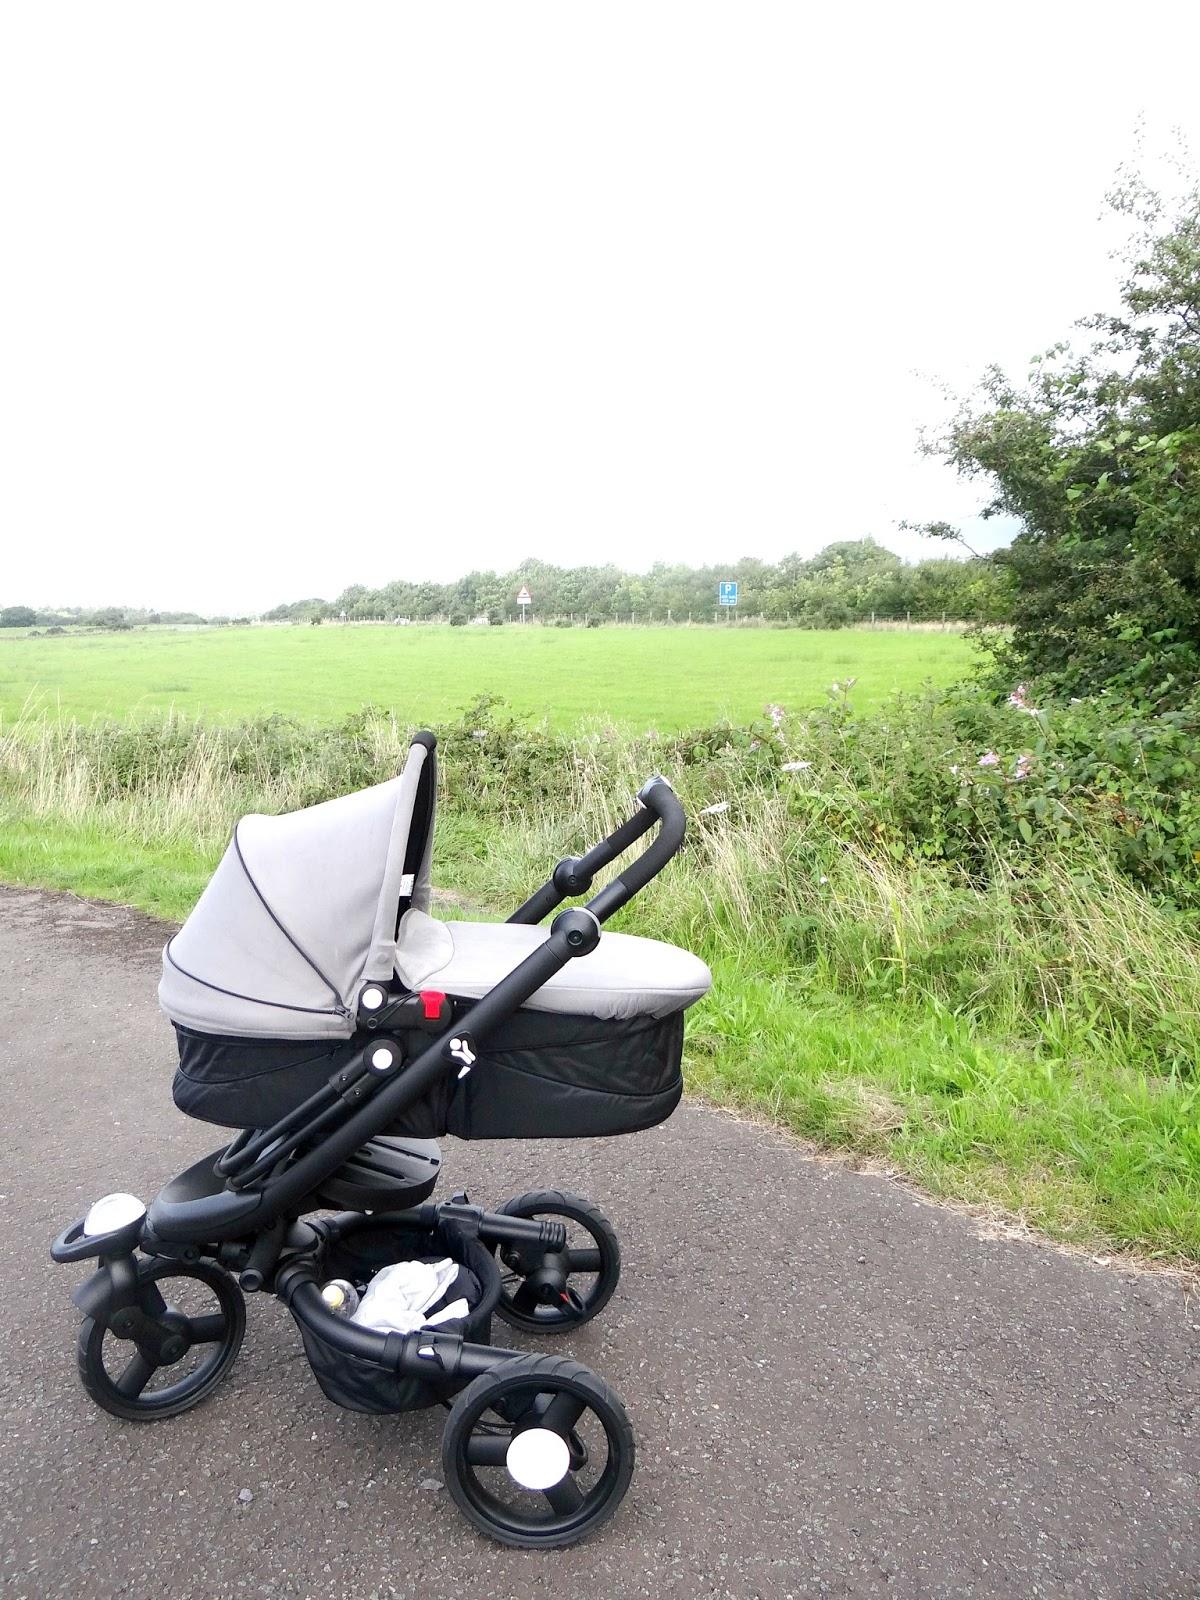 Babyzen Zen Stroller Review Life As Mum